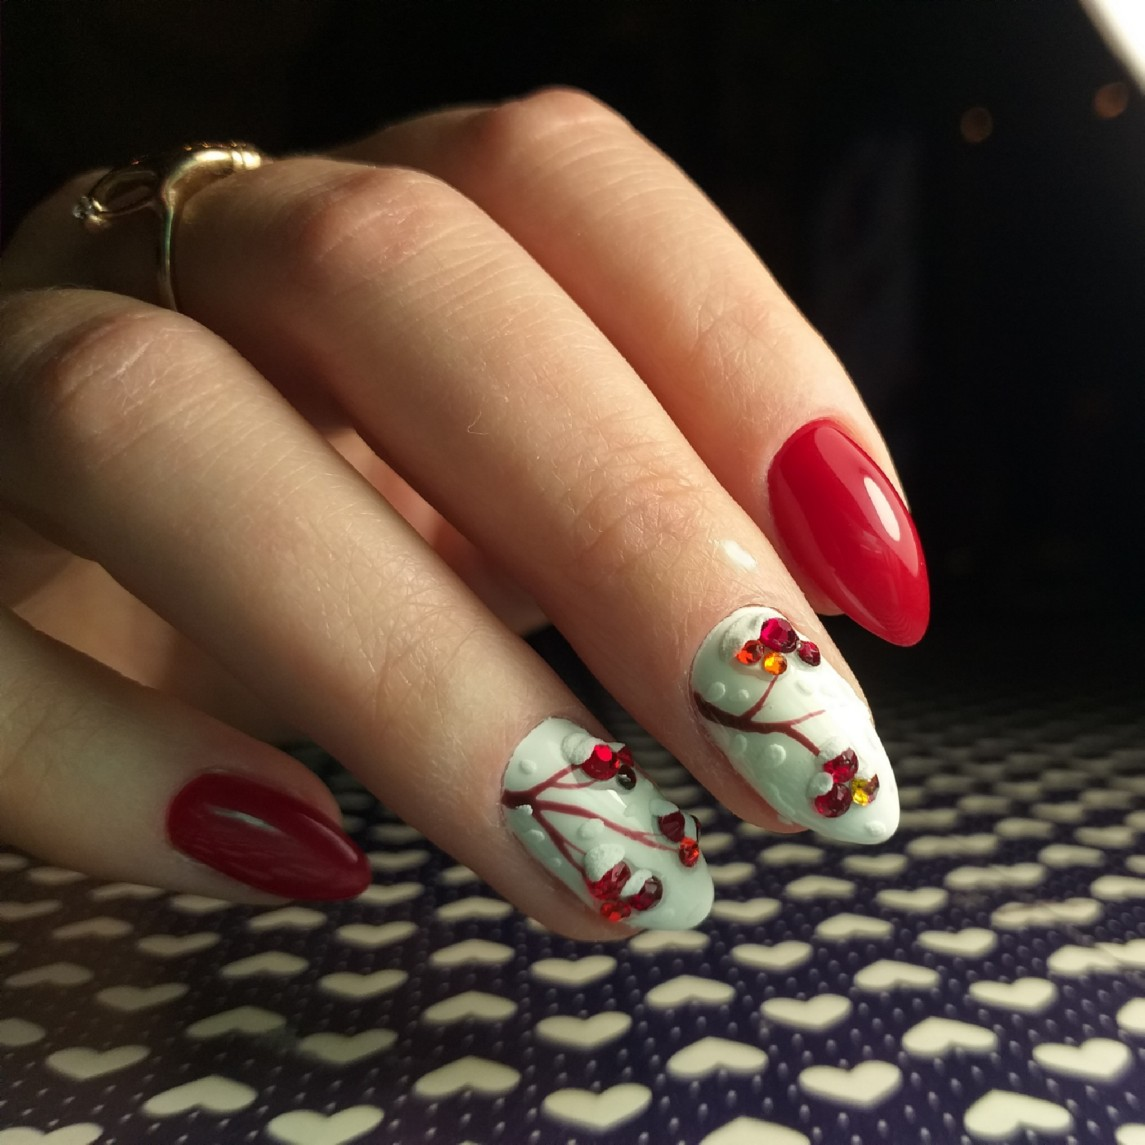 Зимний маникюр с рисунком и стразами в красном цвете на короткие ногти.